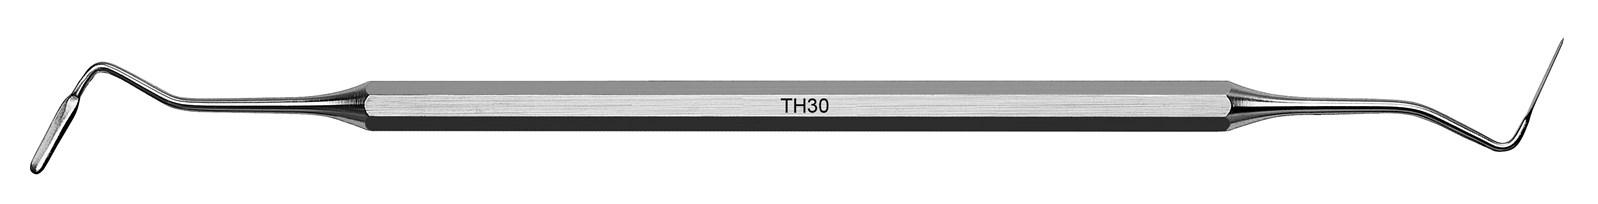 Periotom - TH30, ADEP žlutý